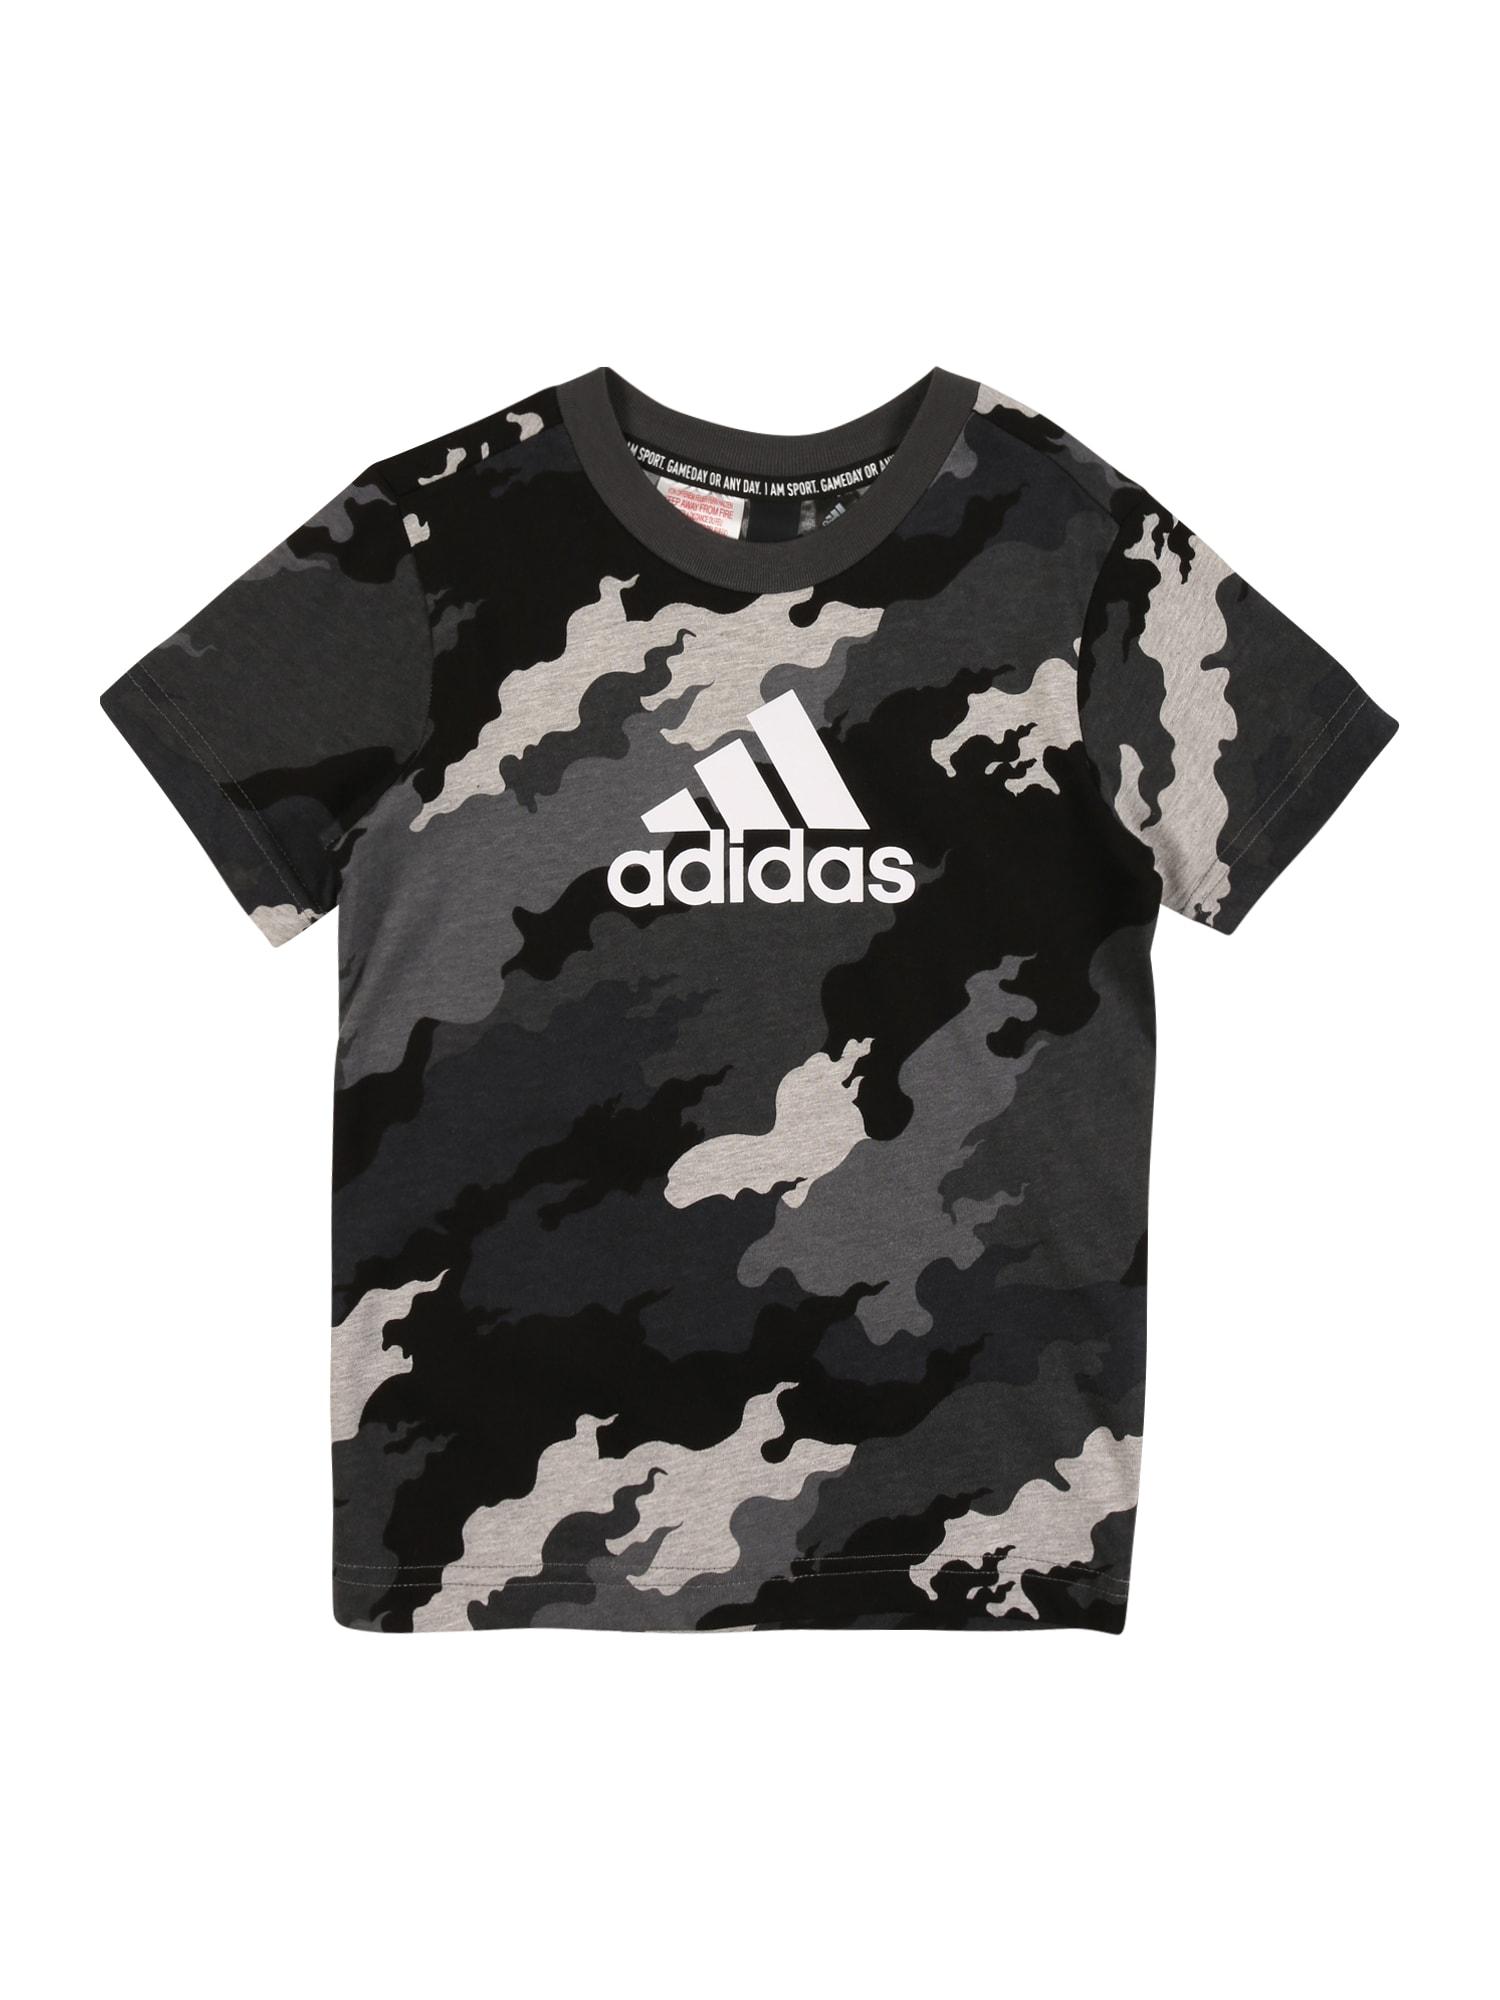 ADIDAS PERFORMANCE Funkční tričko  černá / bílá / světle šedá / tmavě šedá / šedý melír